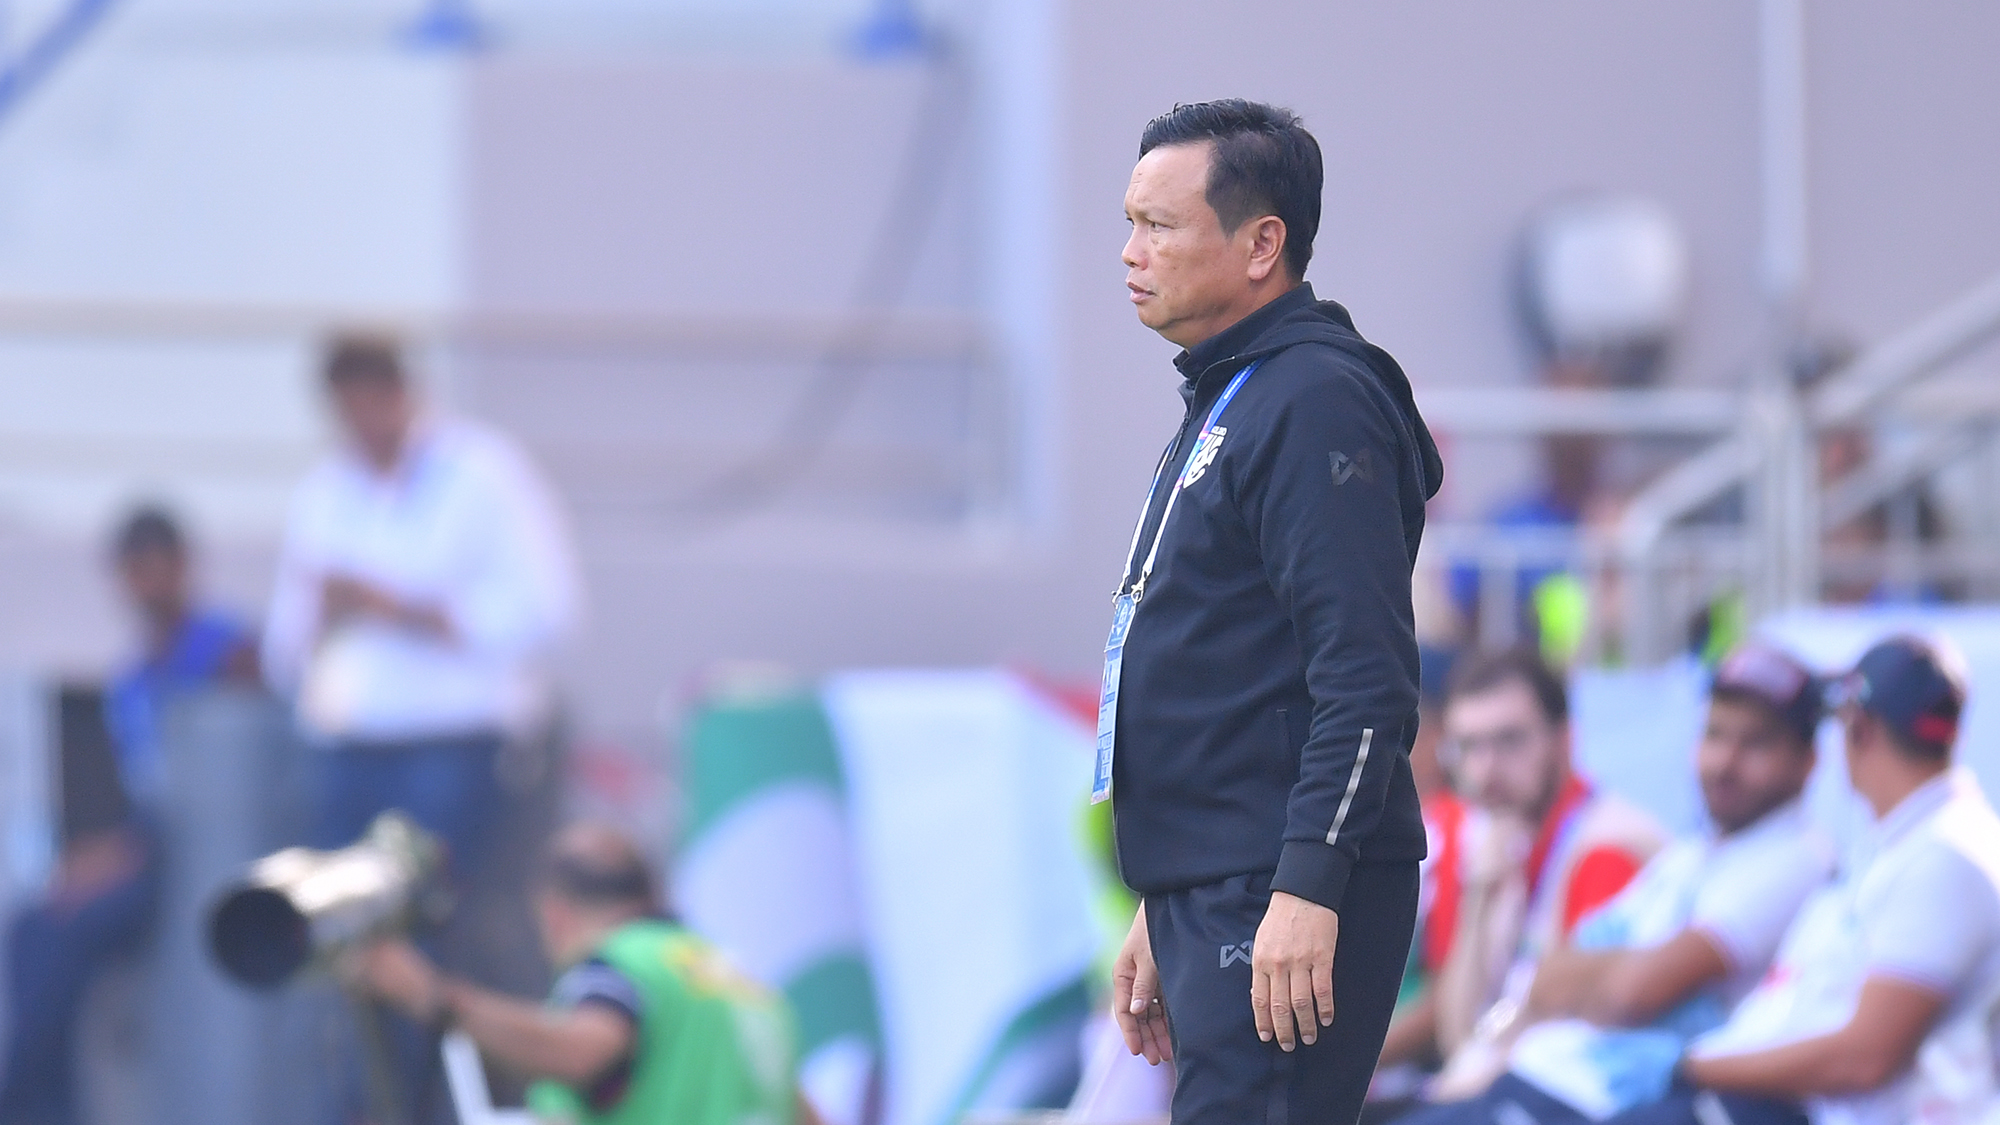 ทีมชาติบาห์เรน ทีมชาติไทย ศิริศักดิ์ ยอดญาติไทย เอเชียนคัพ 2019